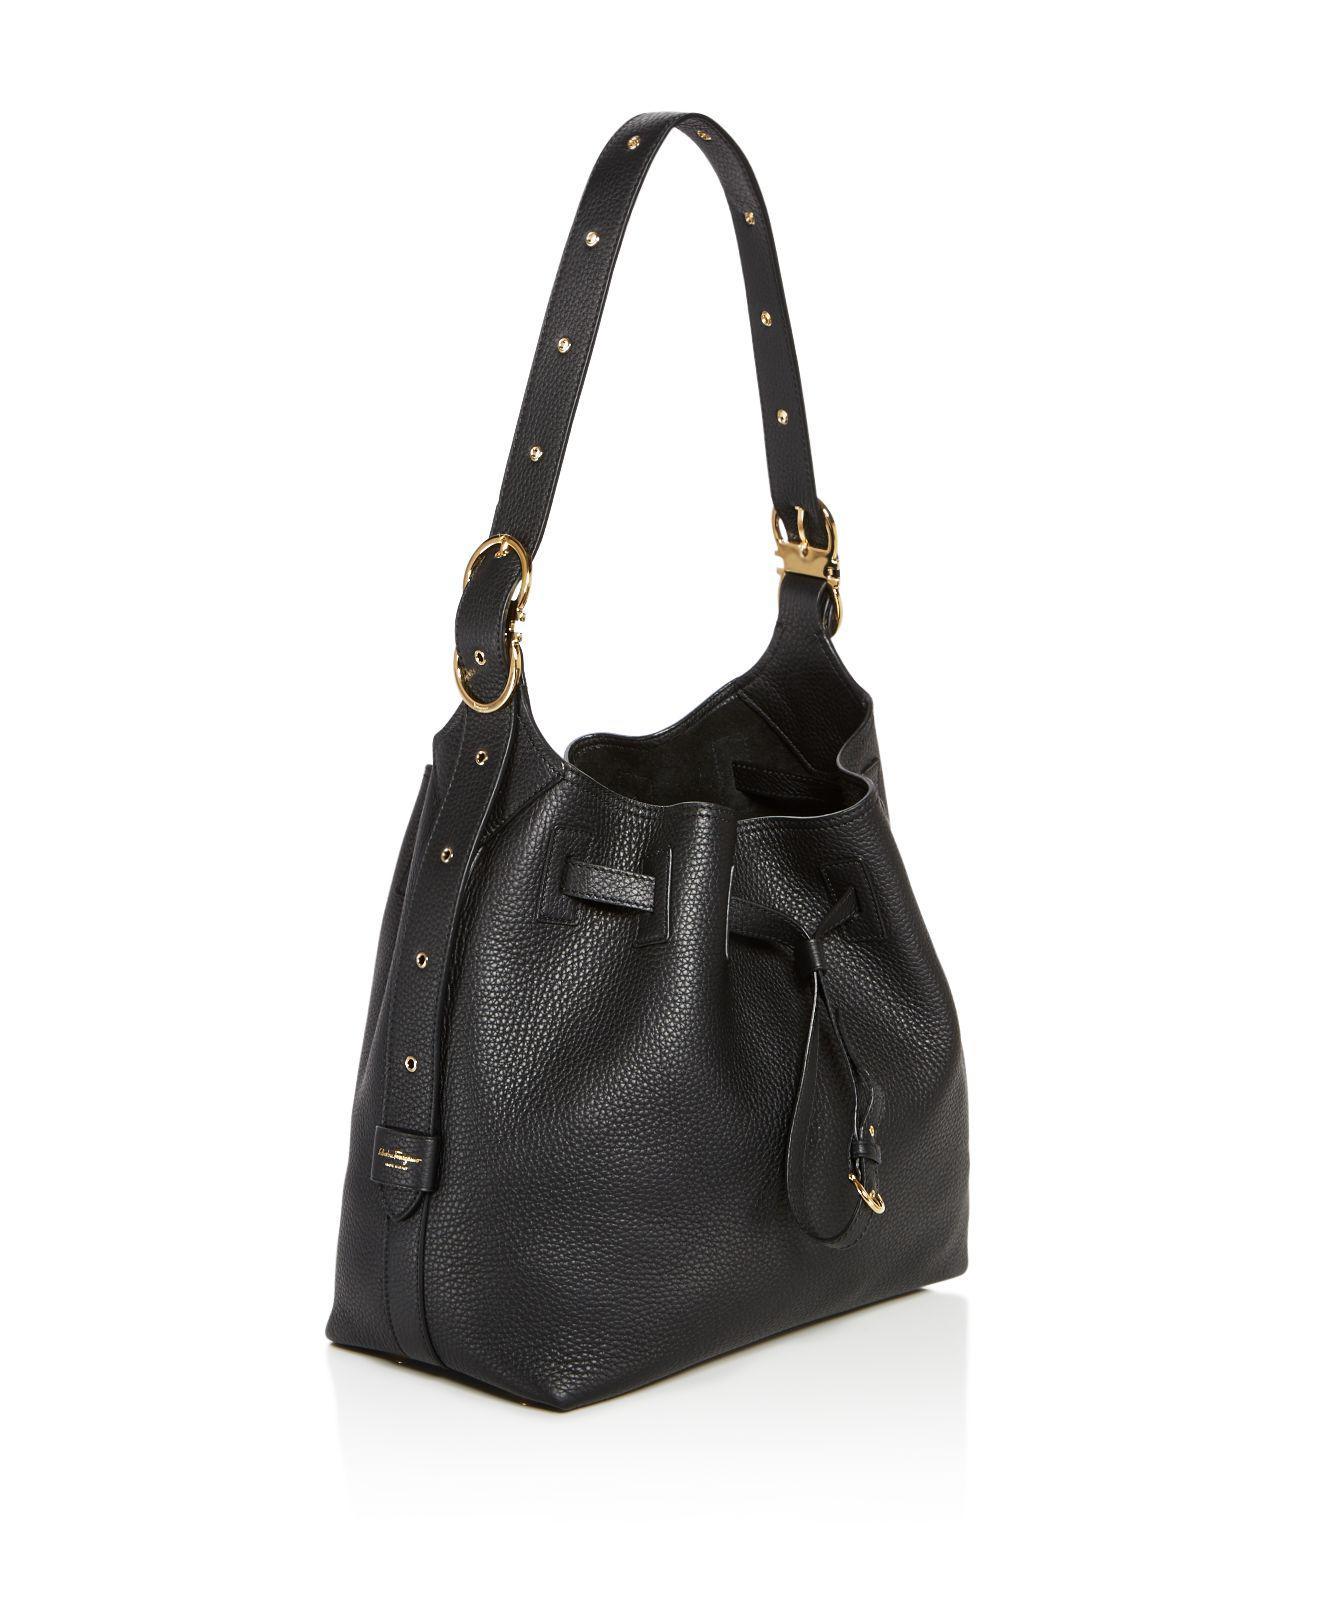 3a4992c14591 Lyst - Ferragamo Carla Pebbled Leather Bucket Bag in Black